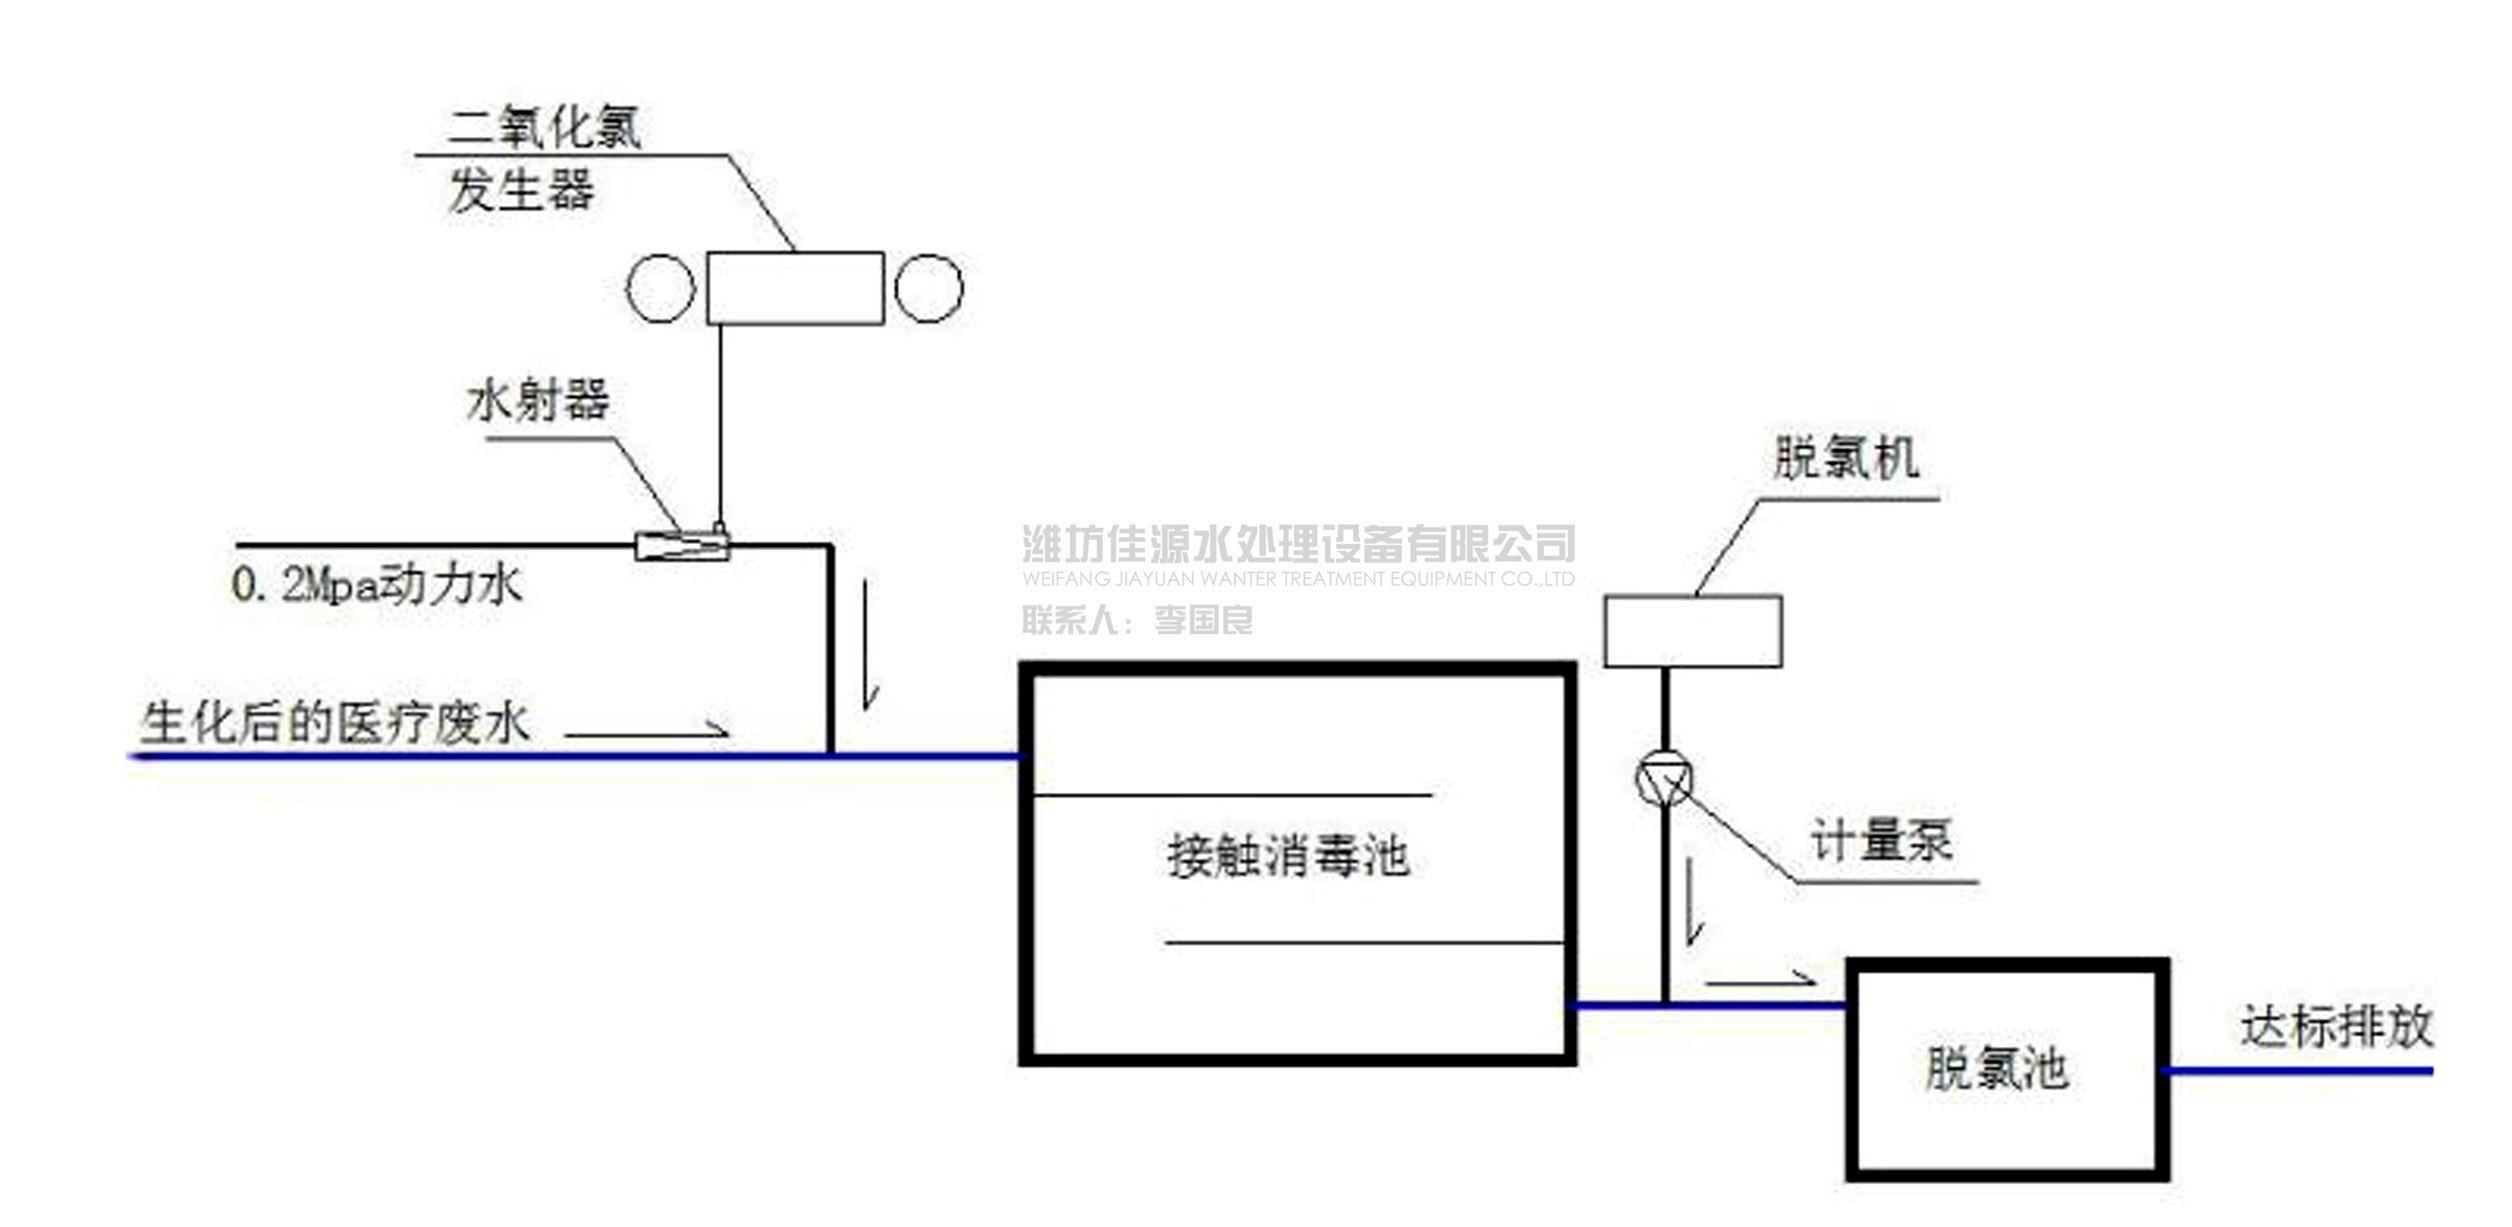 医疗废水消毒方案解决办法处理工艺-潍坊佳源水处理